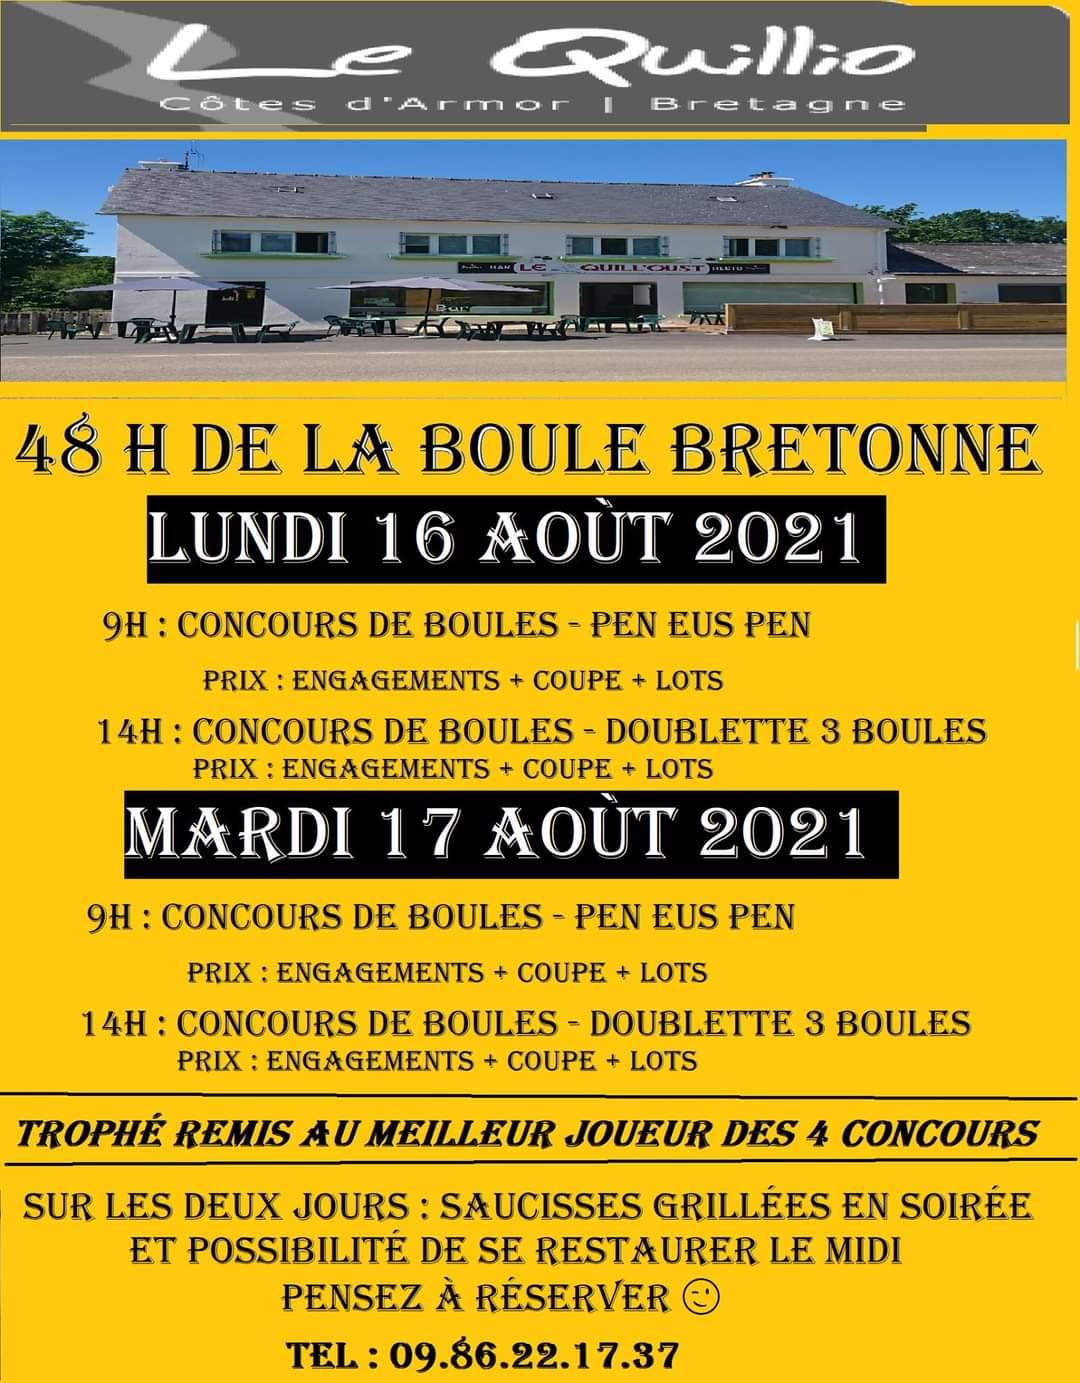 2021.08.16_LeQuillio